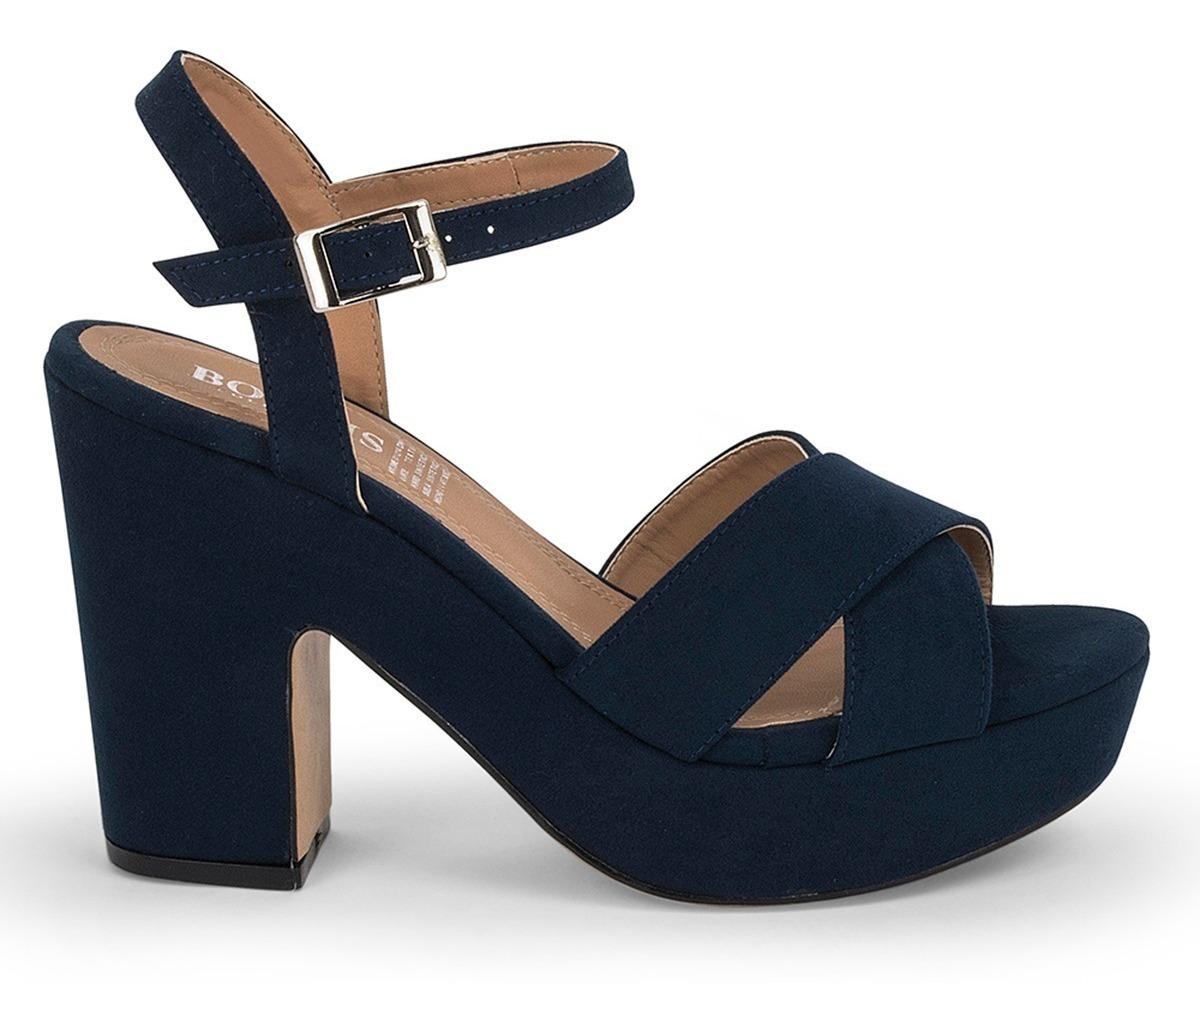 Tacon Abierto Zapatos Cruzado Sandalias 9107 Grueso Azul 6vIf7gbYy